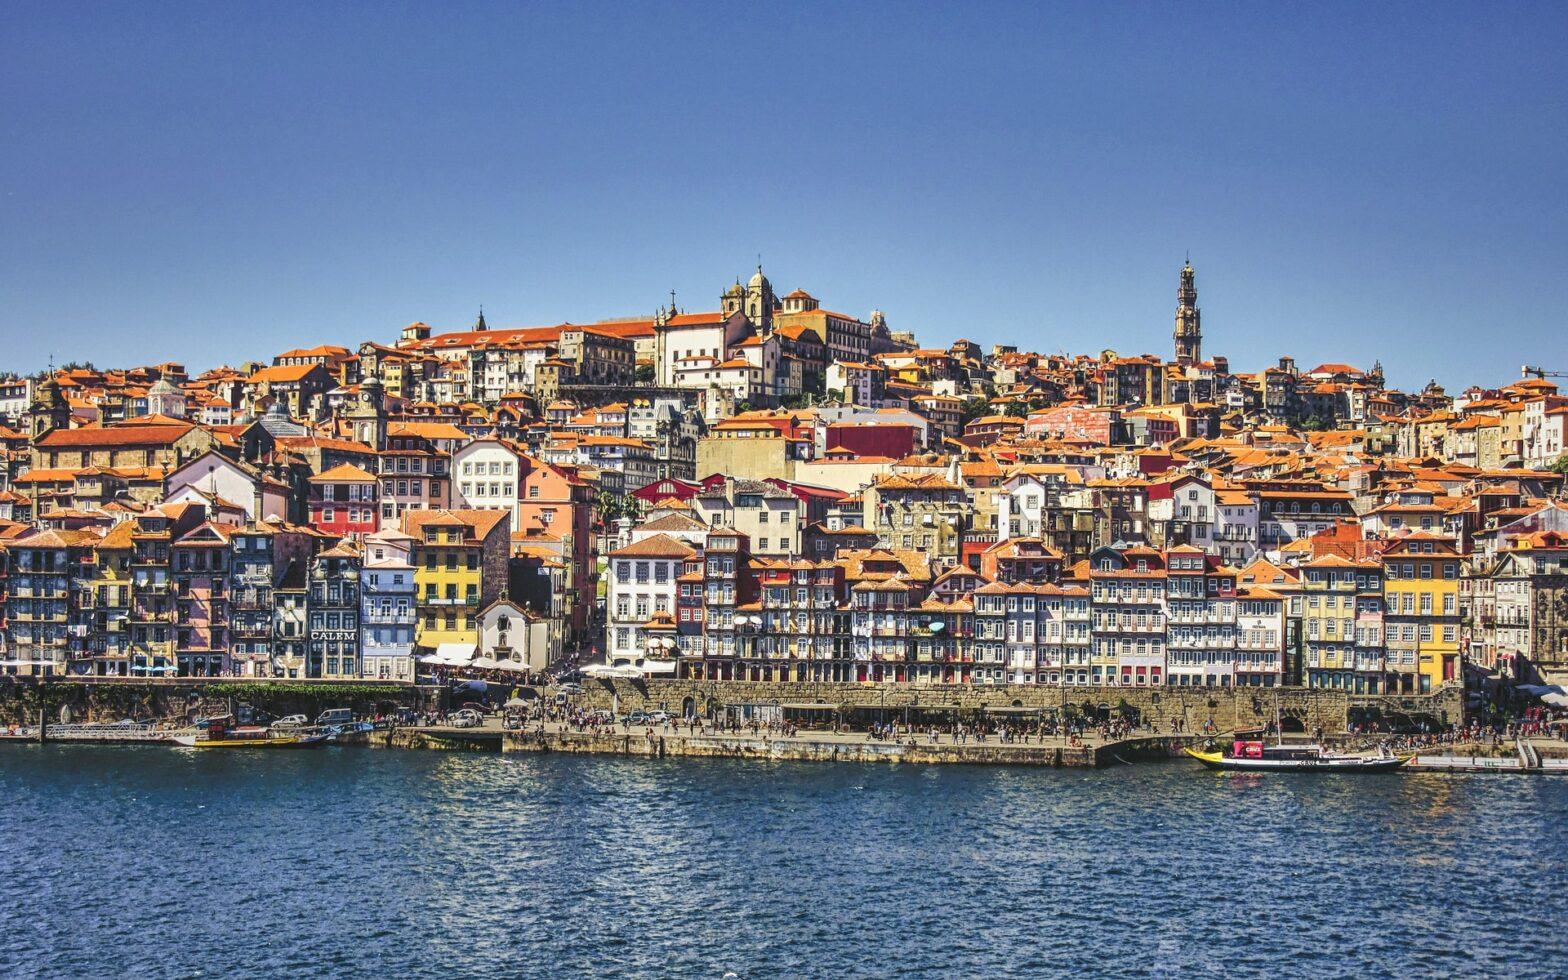 porto neighborhoods image 1